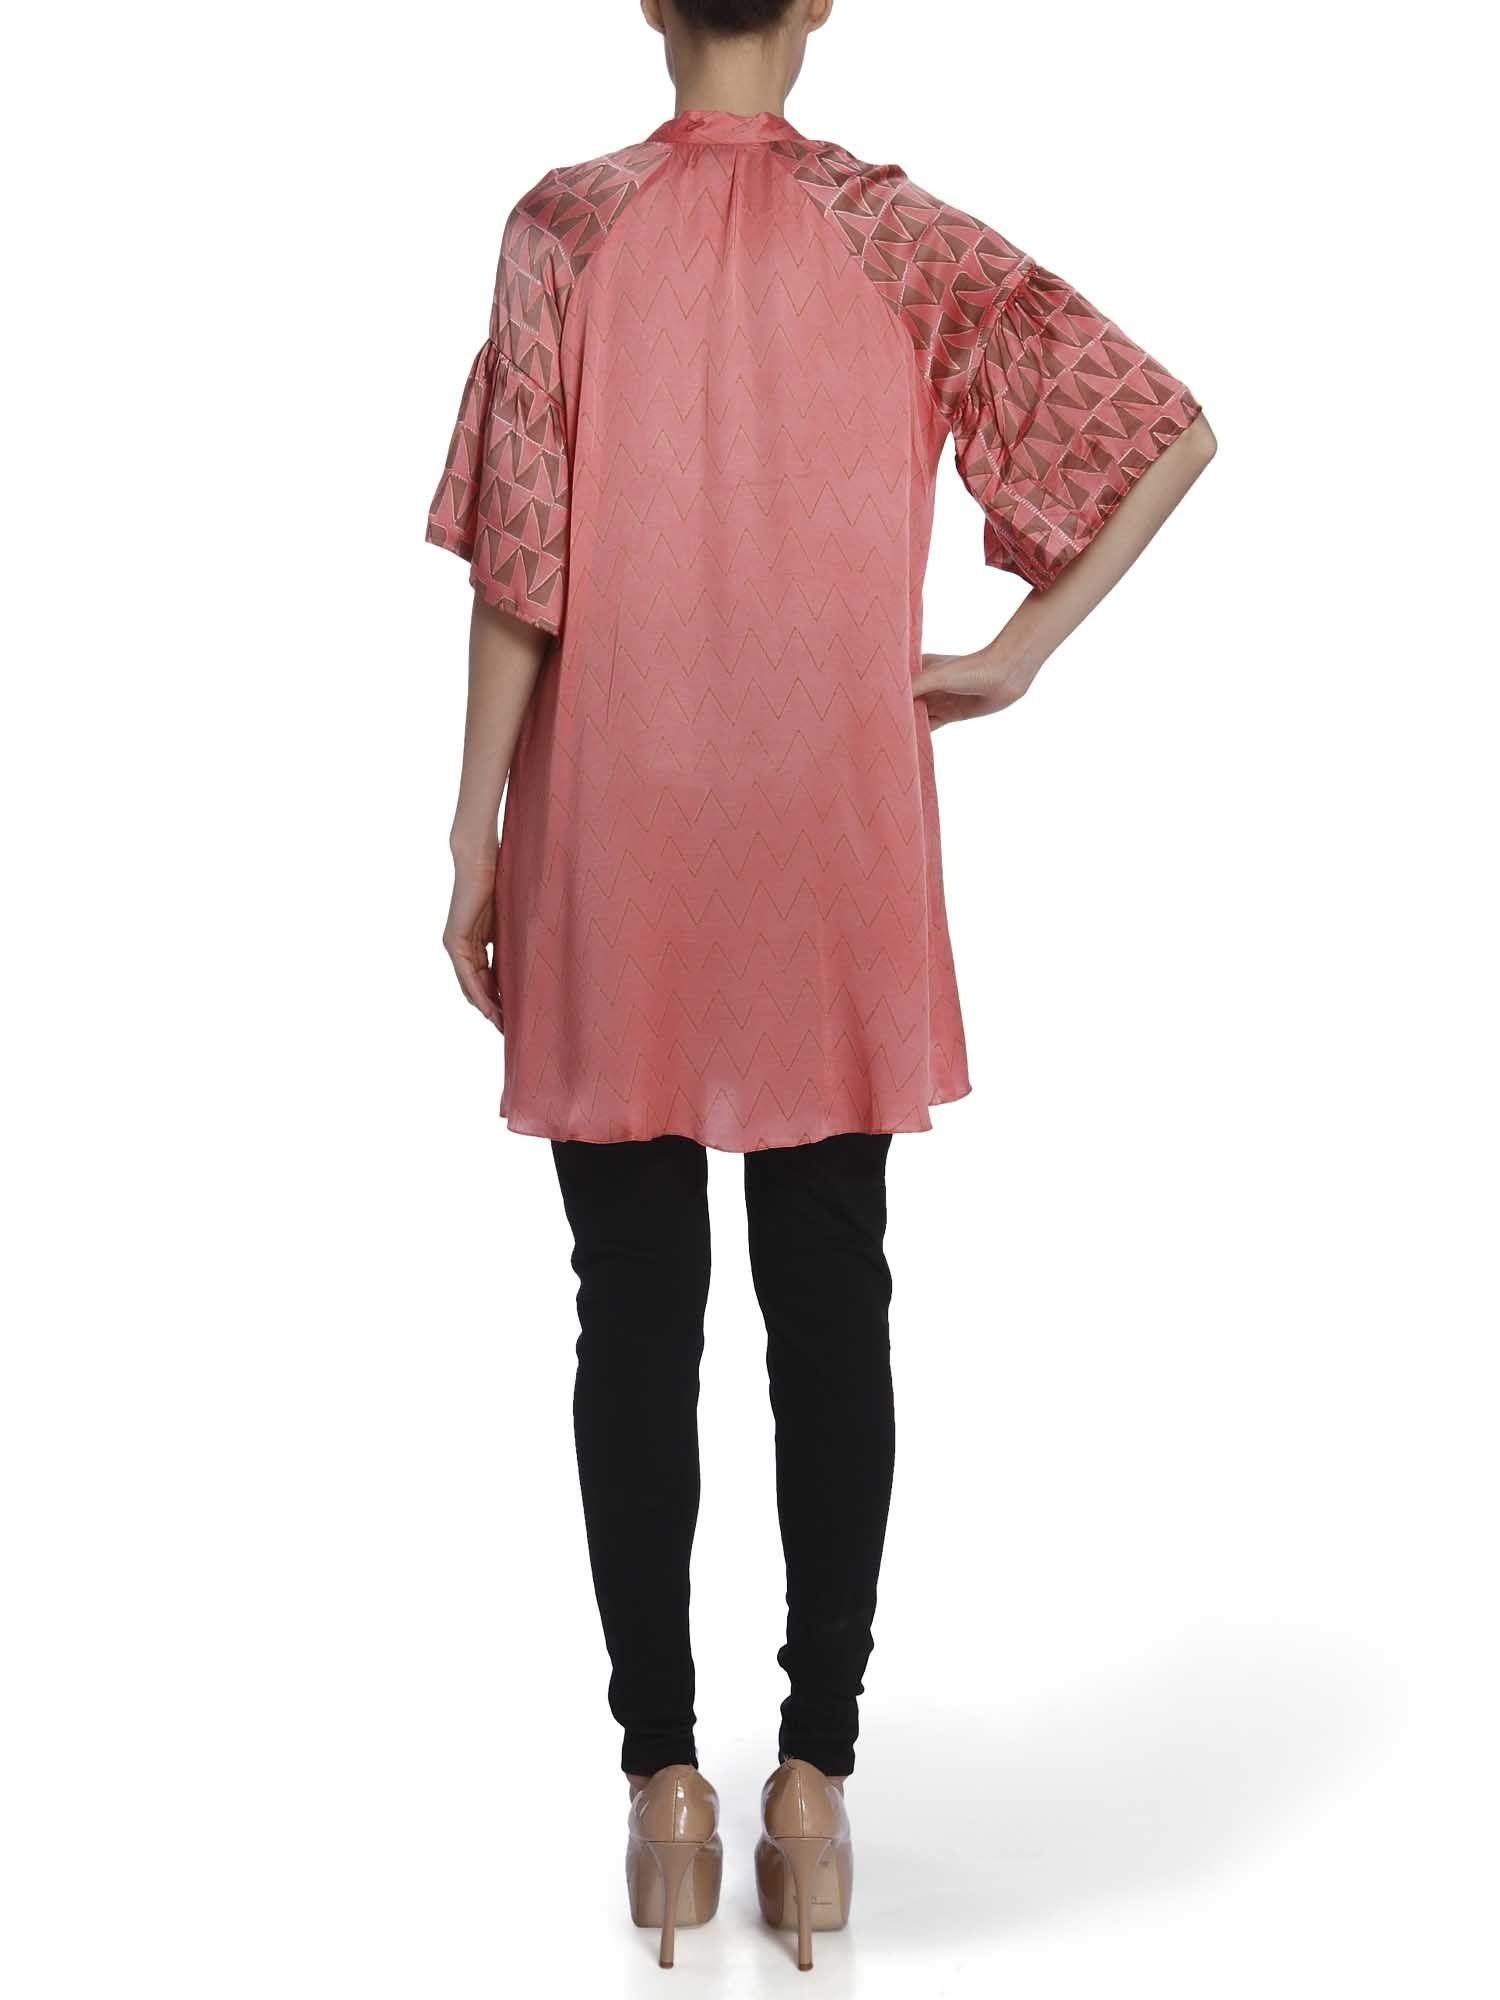 658065482b Anupamaa Dayal Shirts Tops and Crop Tops : Buy Anupamaa Dayal Silk Top With  Bell Sleeves Online | Nykaa Design Studio.